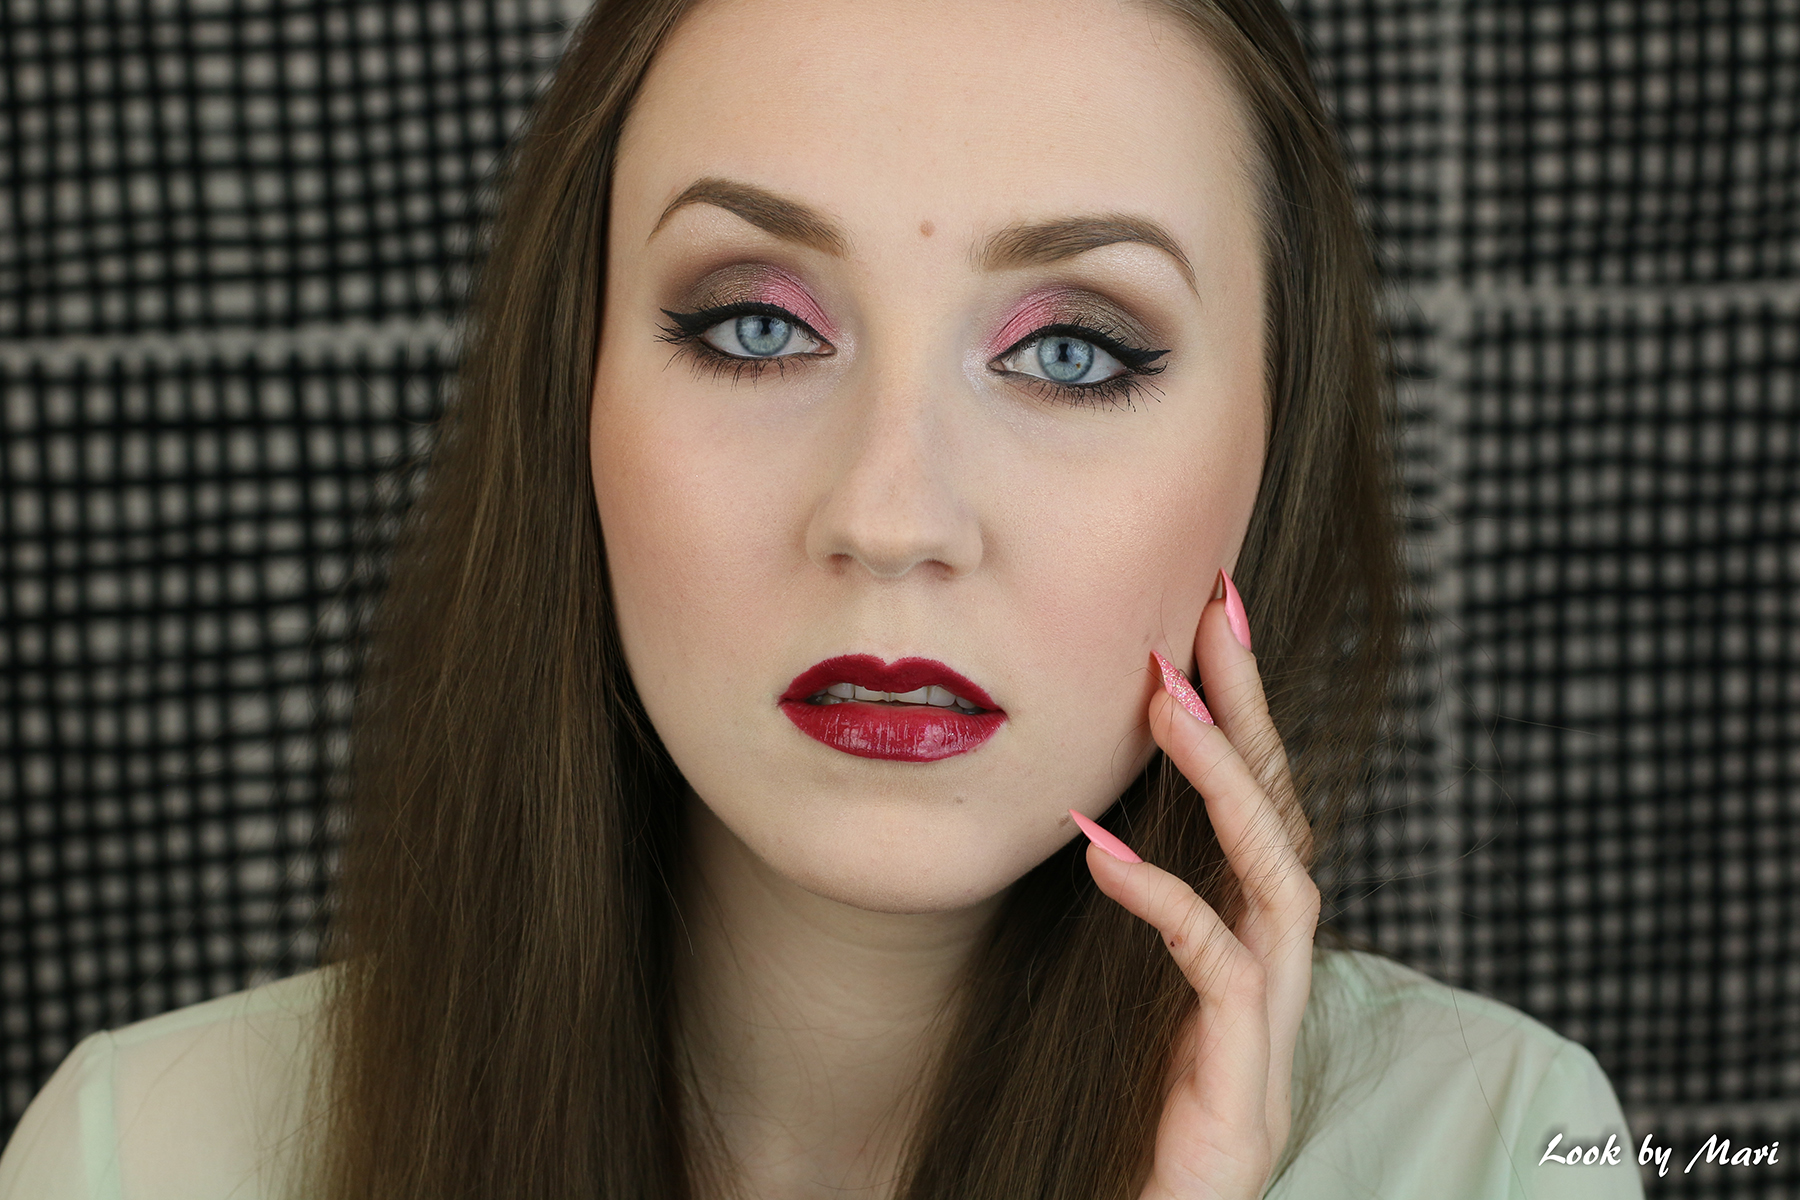 7 kevät meikki ideat ideoita pastelli silmämeikki tutoriaali inspiraatio blogi